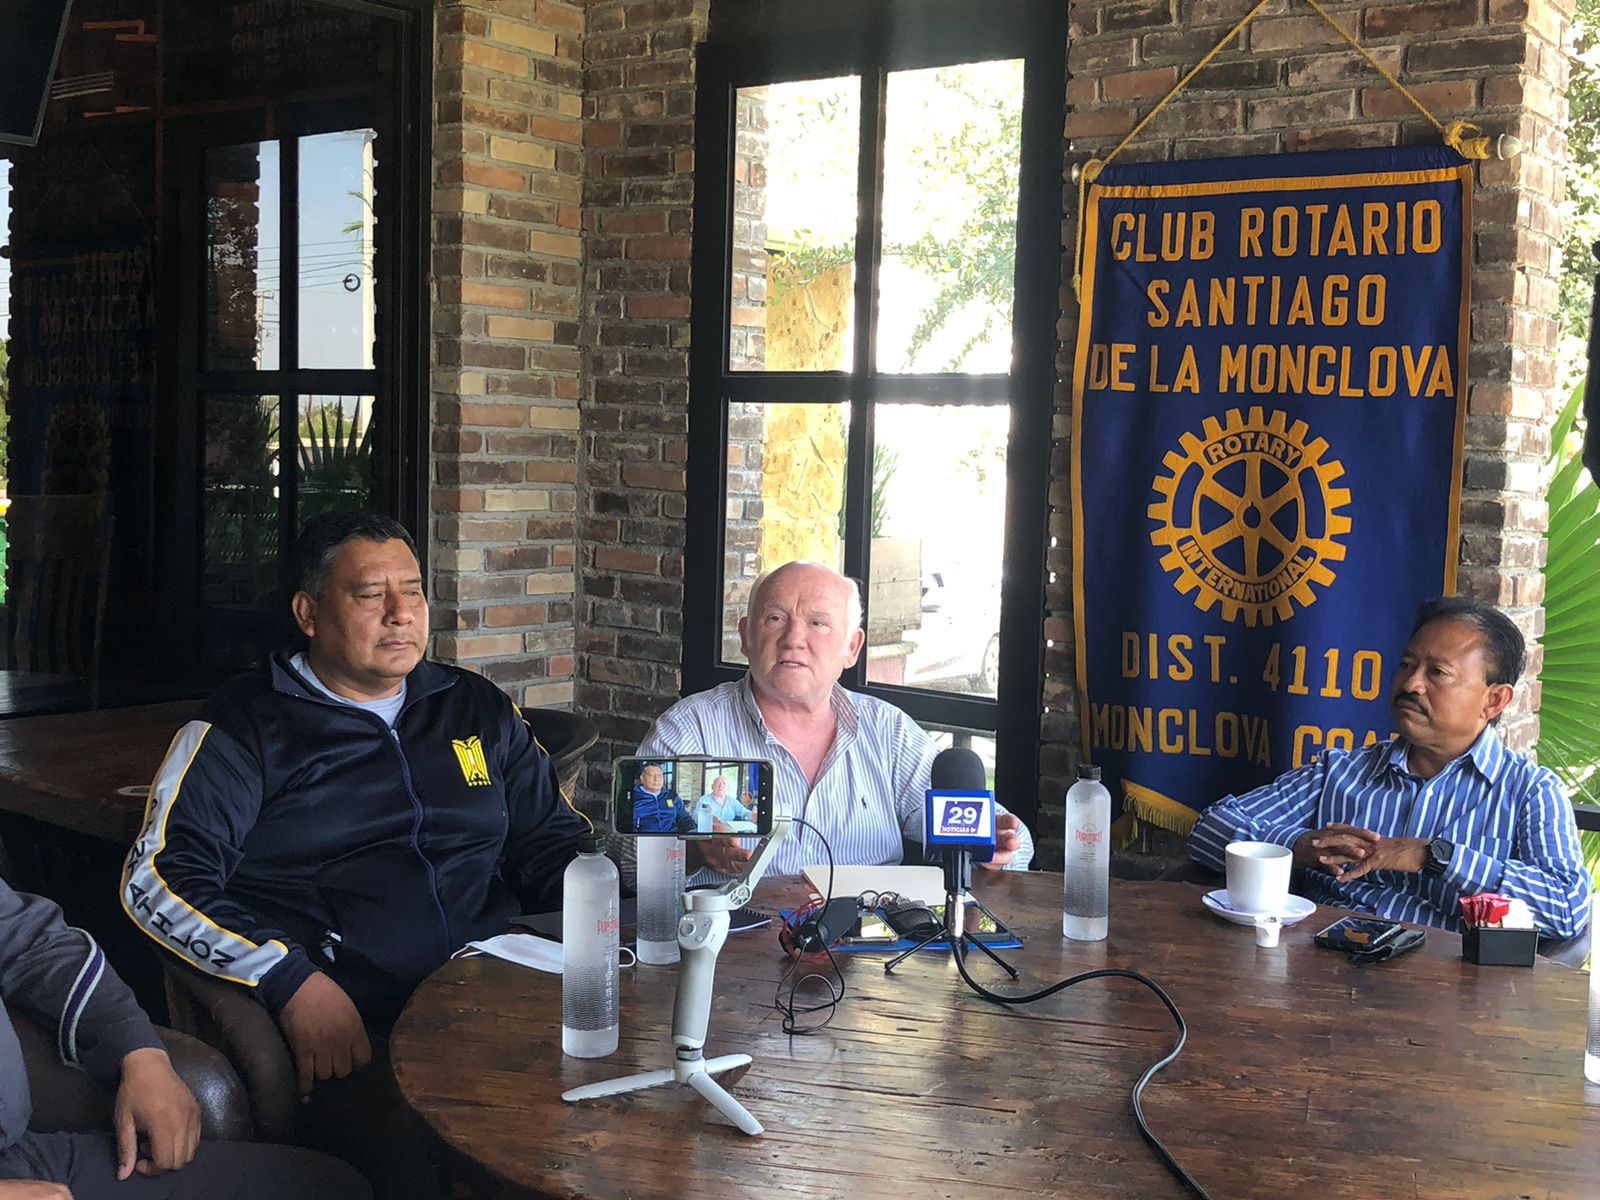 Club Rotario llevará a cabo la rifa de un automóvil para nuevo equipo del pentatlón deportivo militarizado